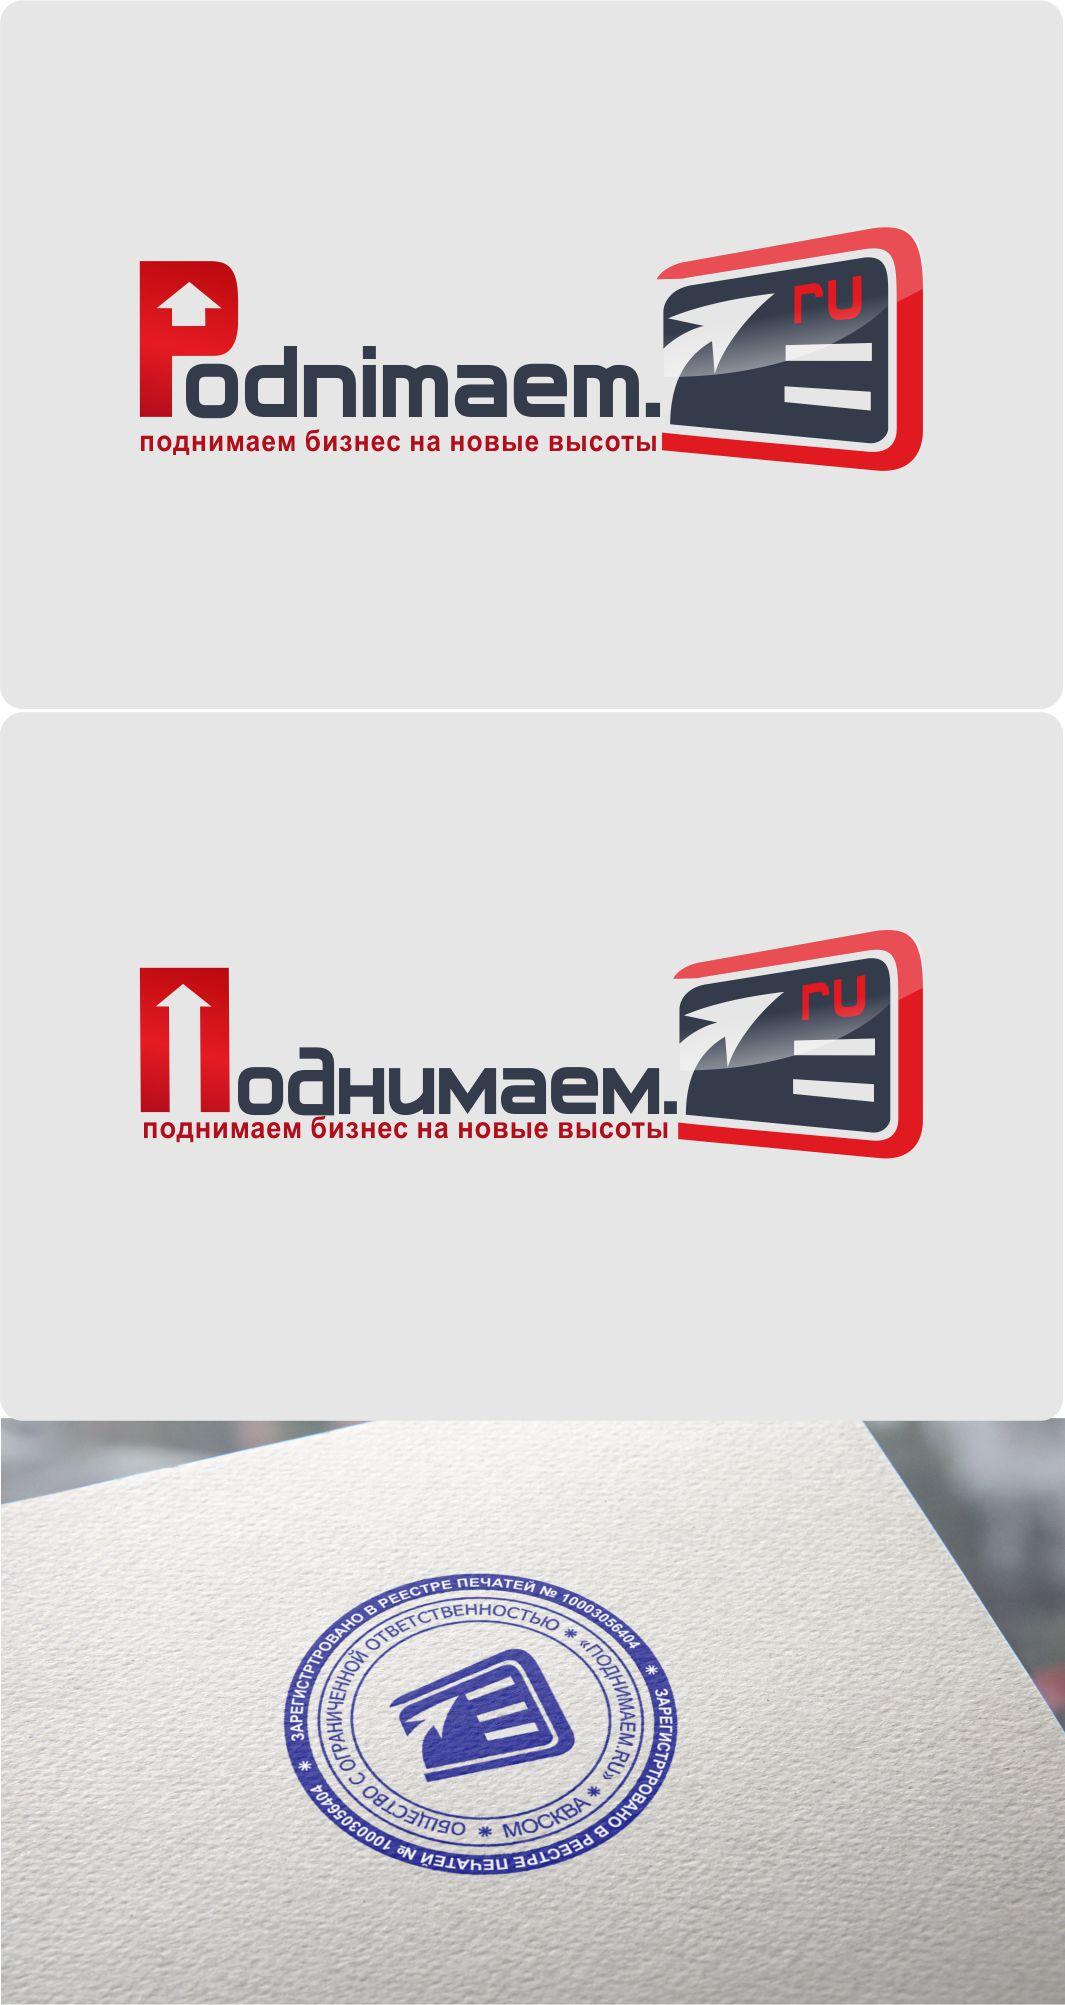 Разработать логотип + визитку + логотип для печати ООО +++ фото f_72855464e0d02104.jpg